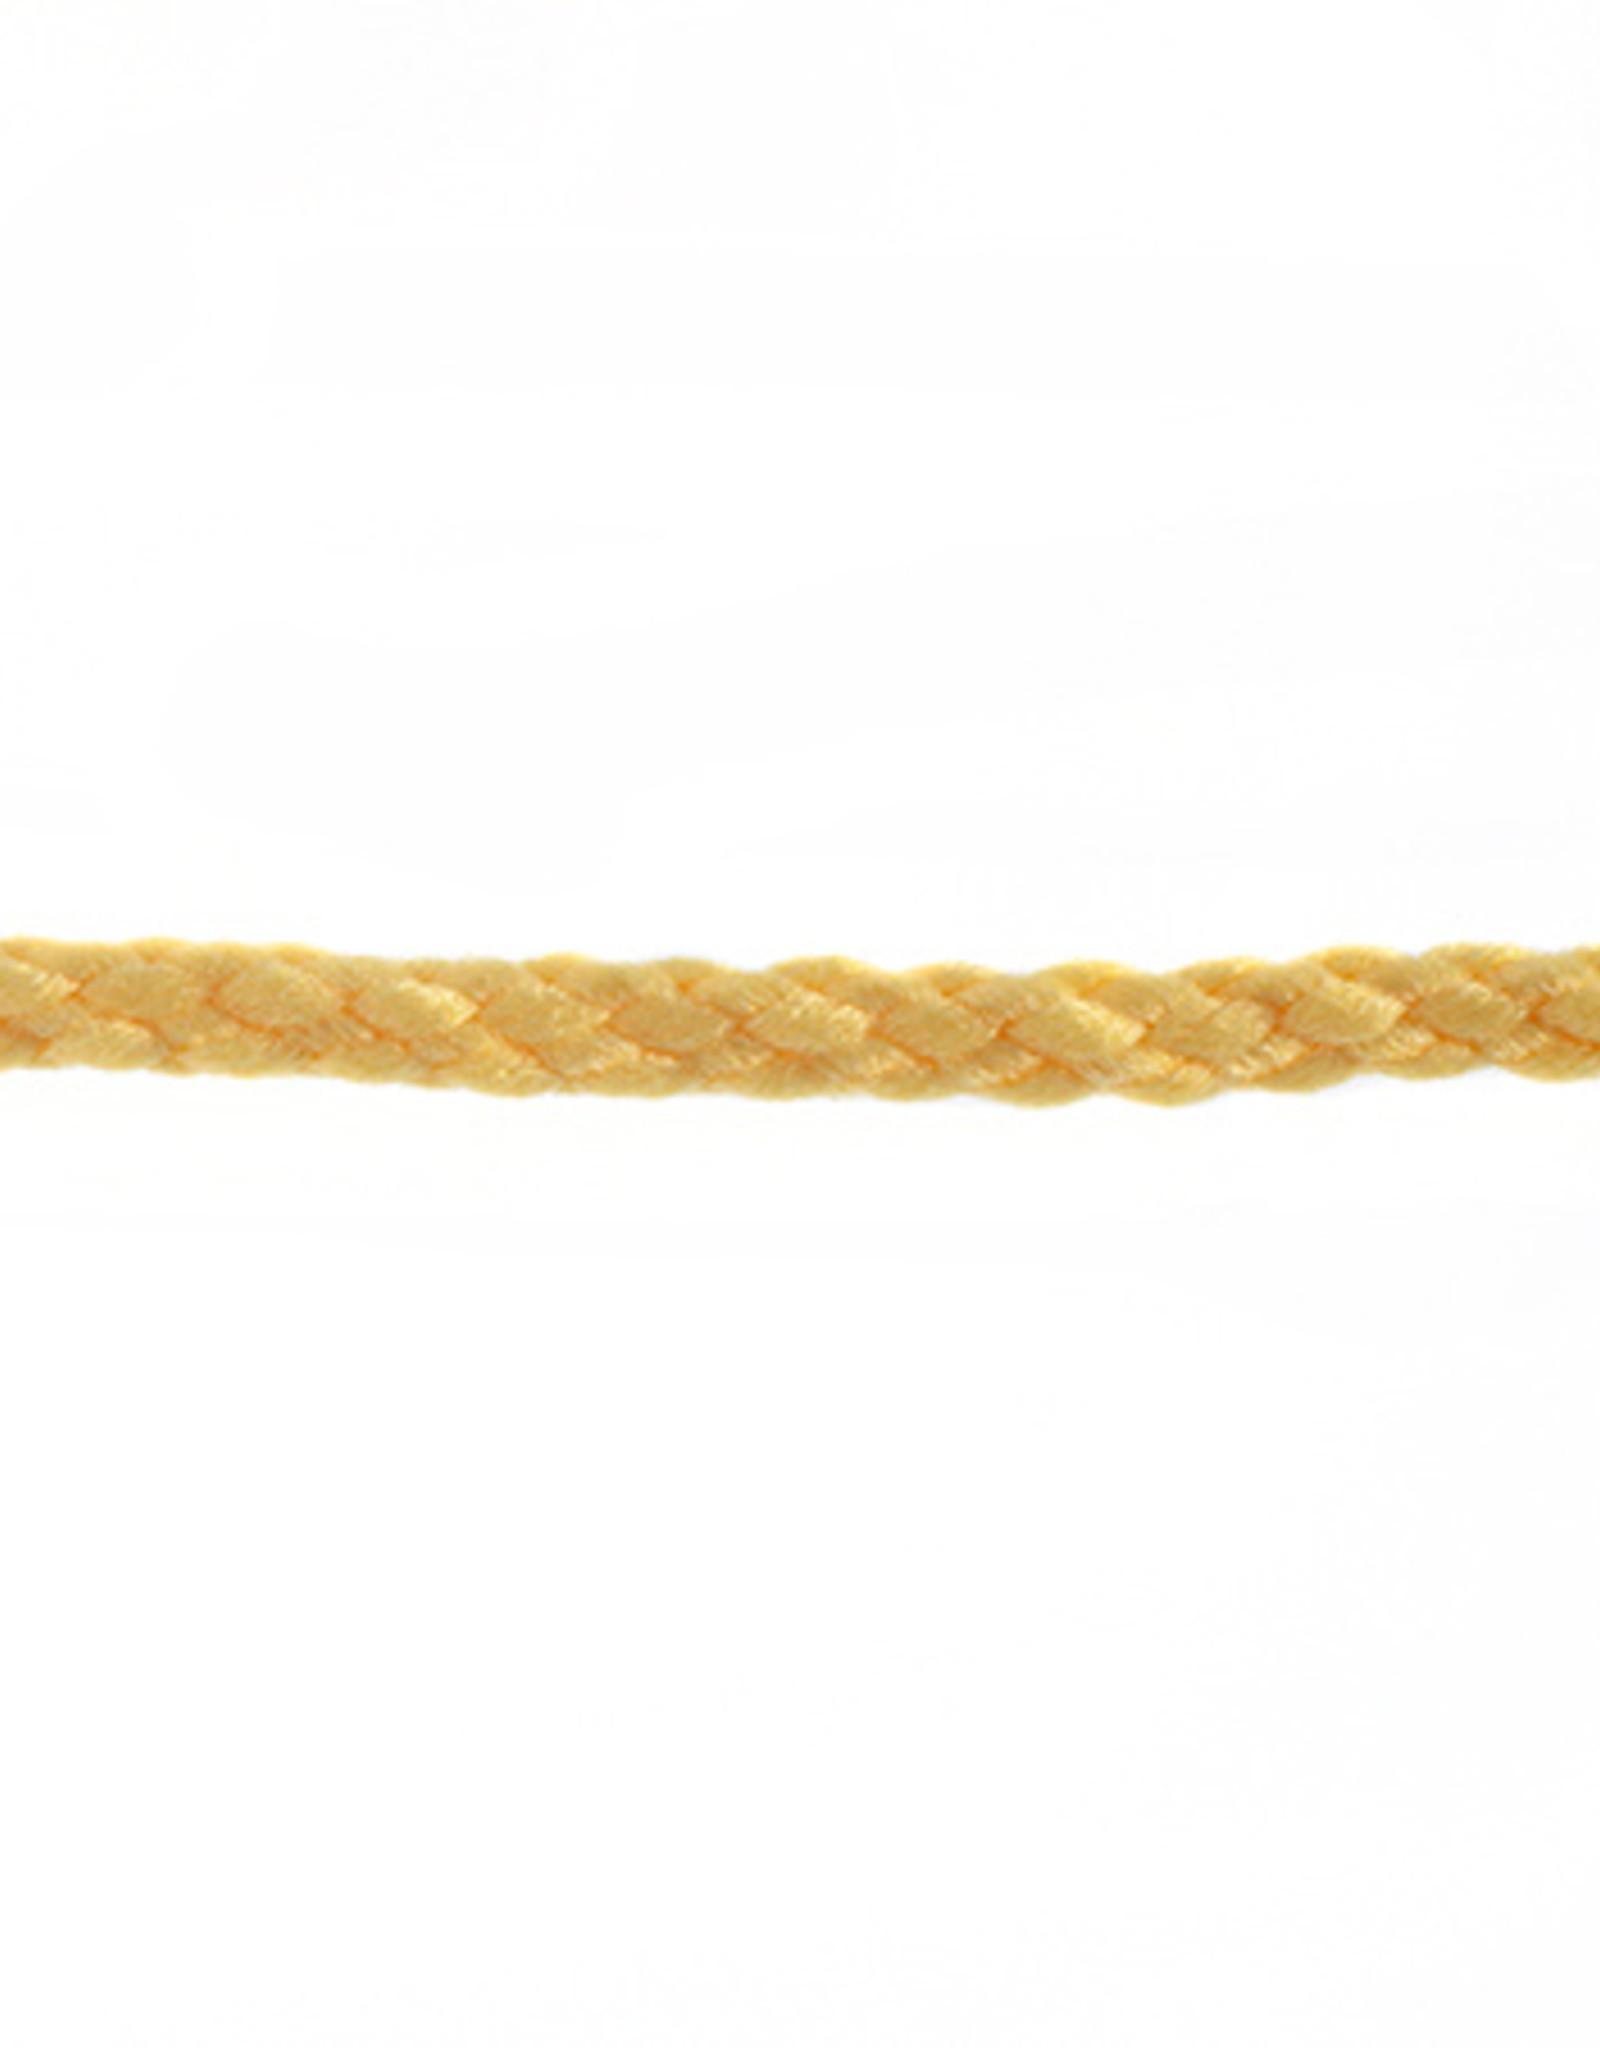 Braided Macrame Cord 6mm